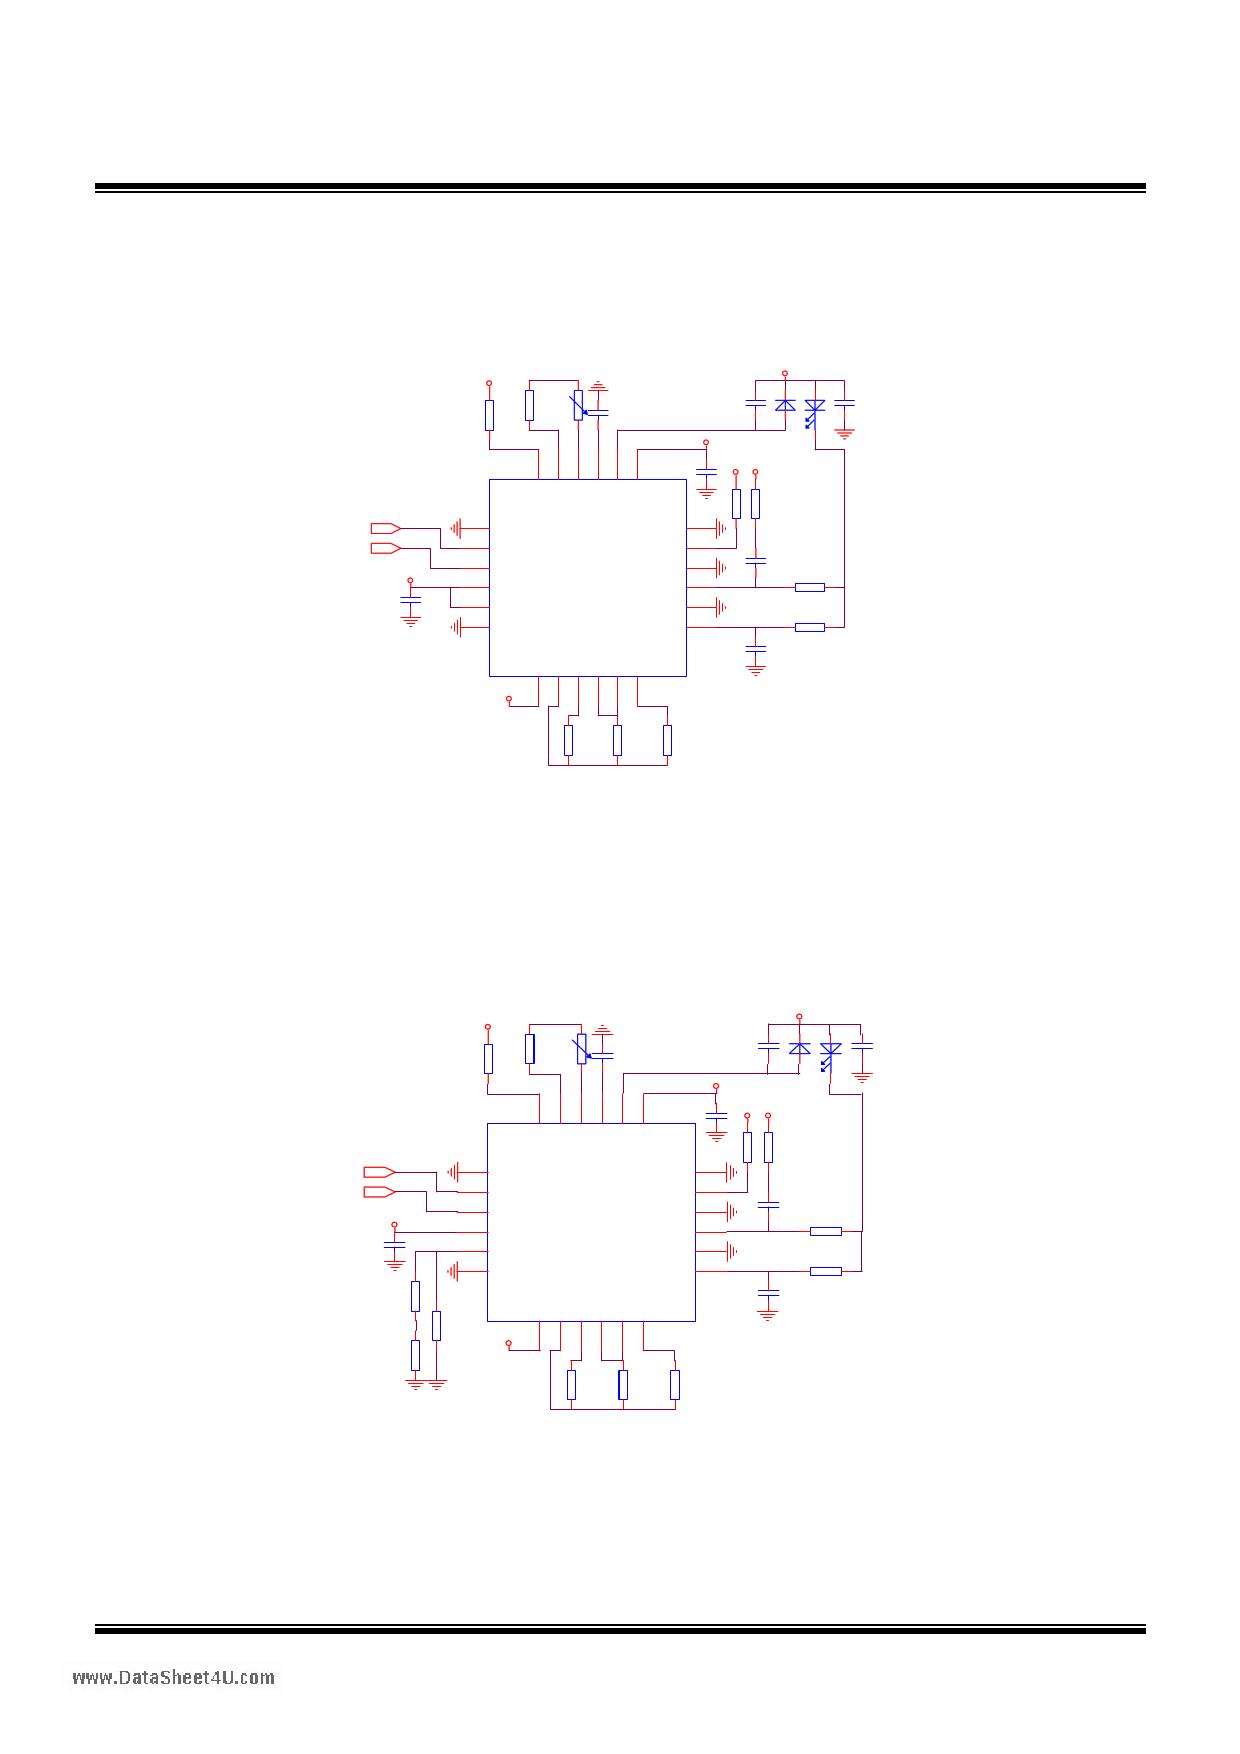 I7032 arduino